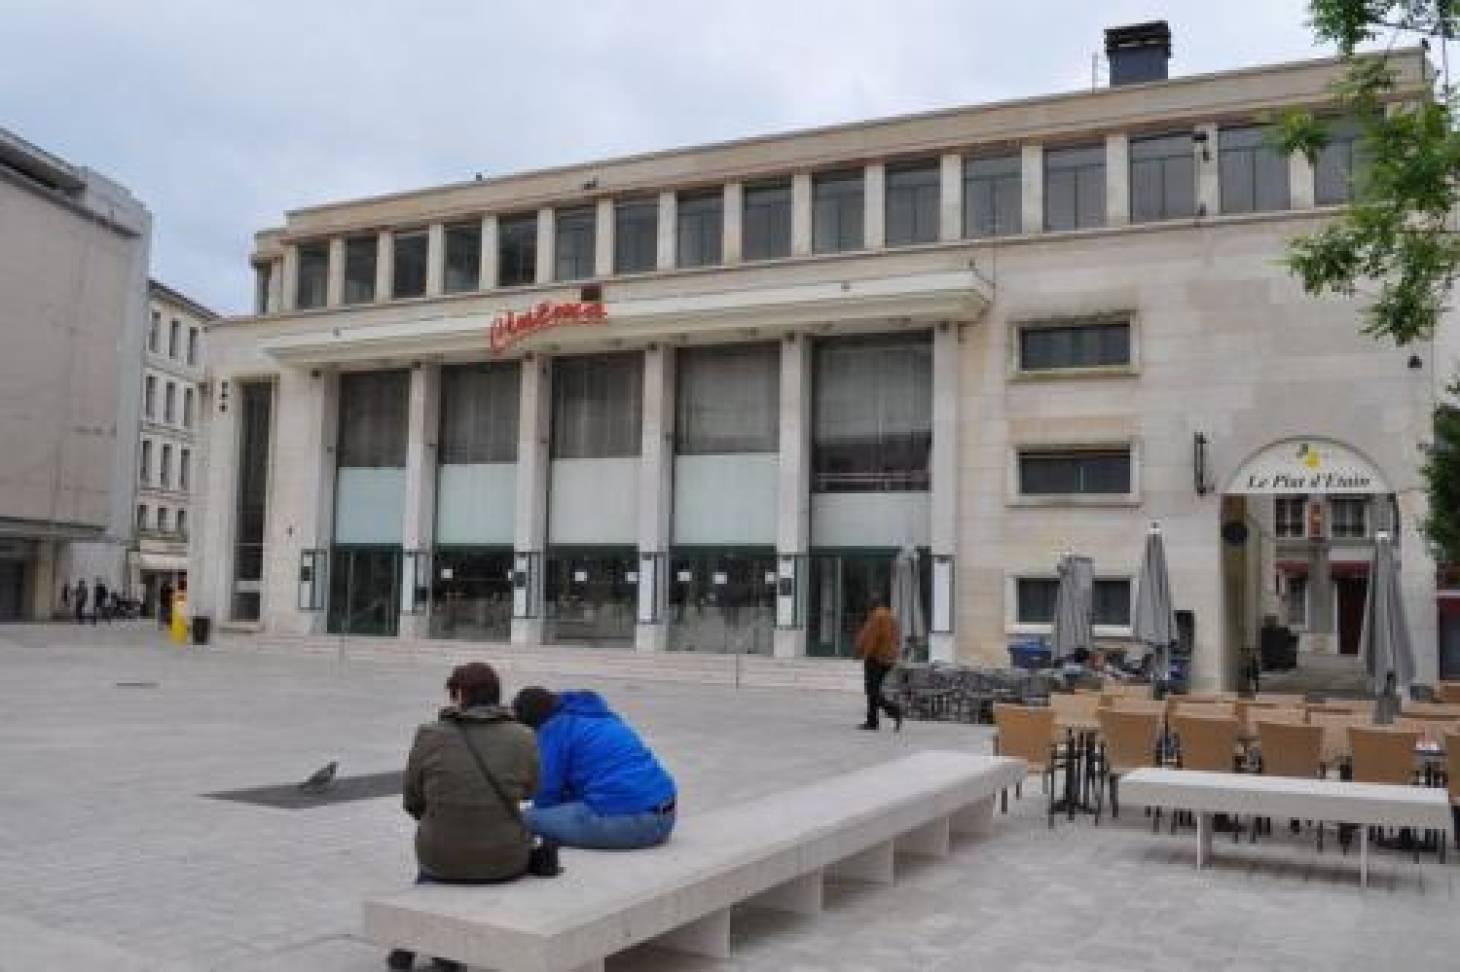 Un espace dédié aux arts visuels remplacera la salle de cinéma de l'ex-théâtre